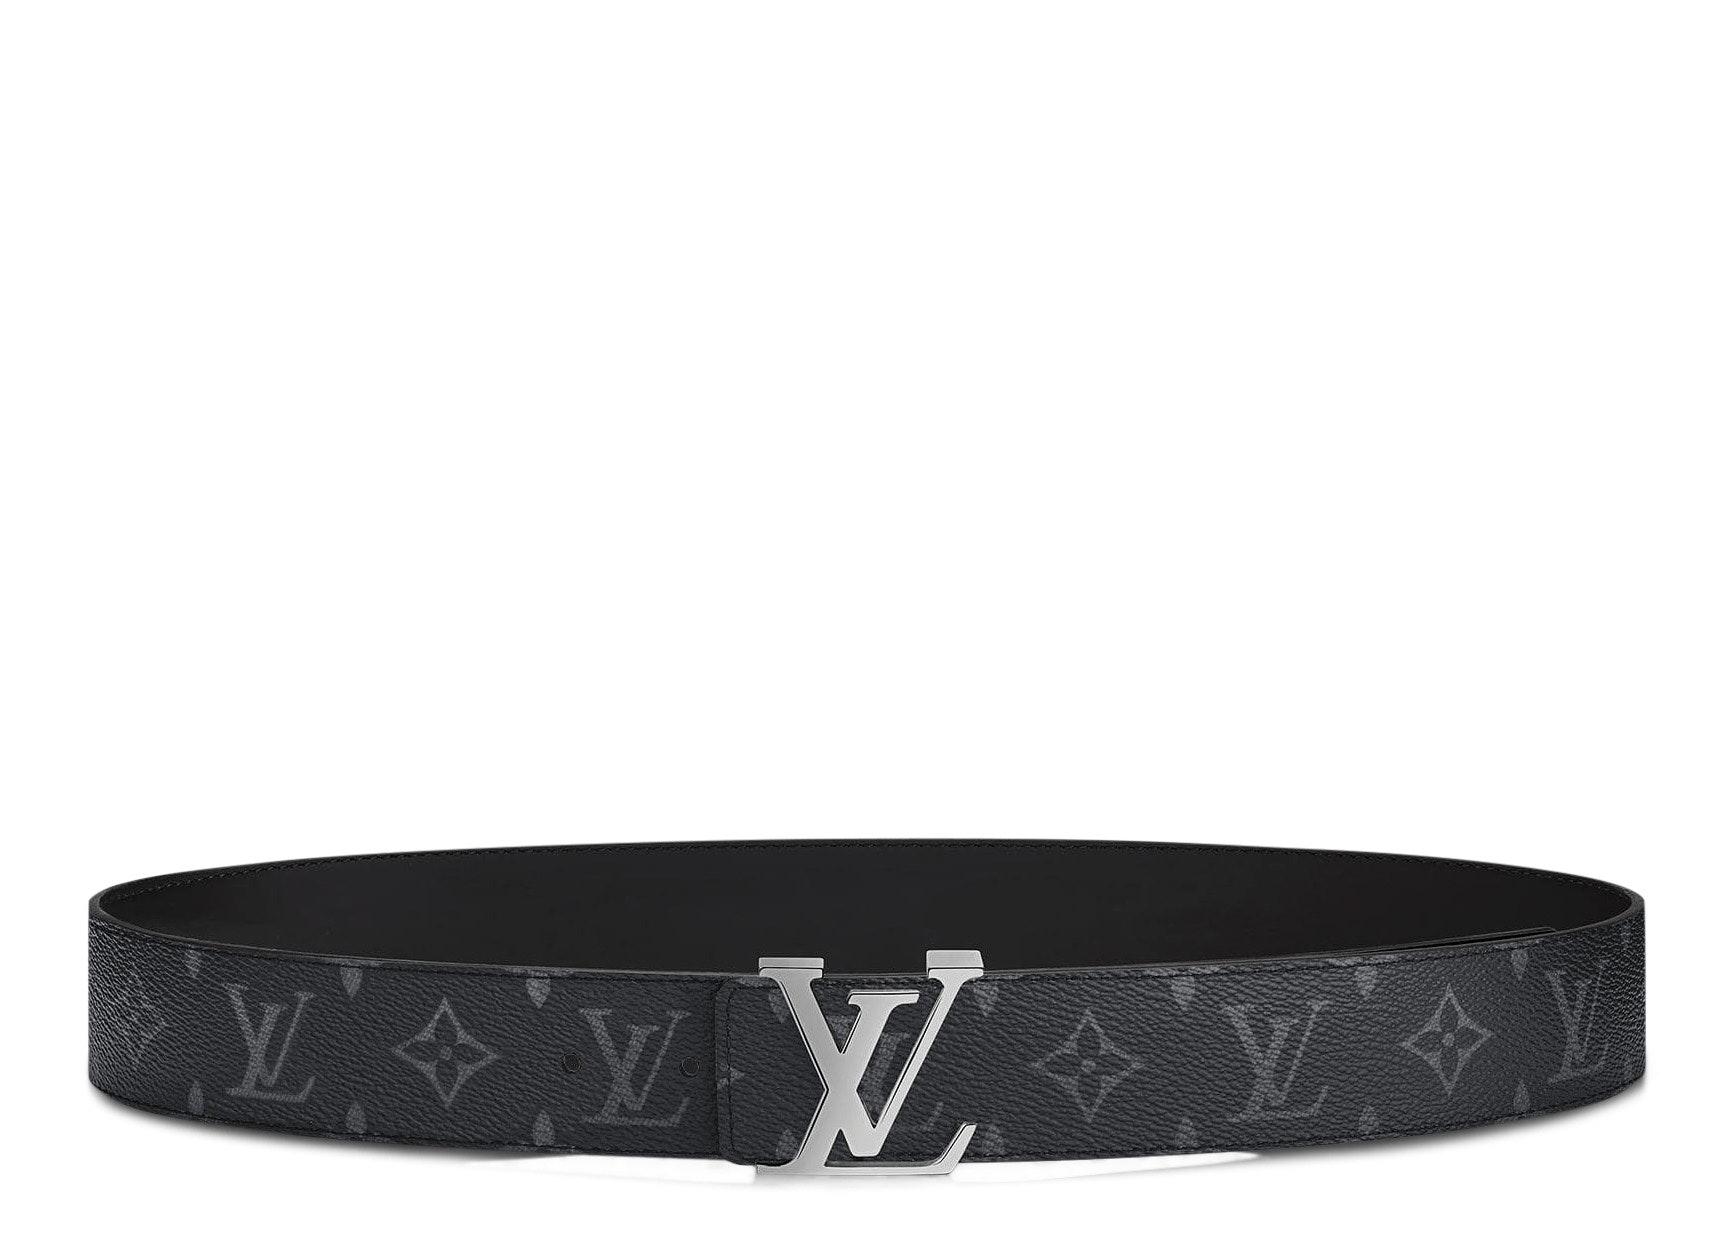 Louis Vuitton Belt LV Initiales Monogram Eclipse Reversible LV Initiales 95/40 Black